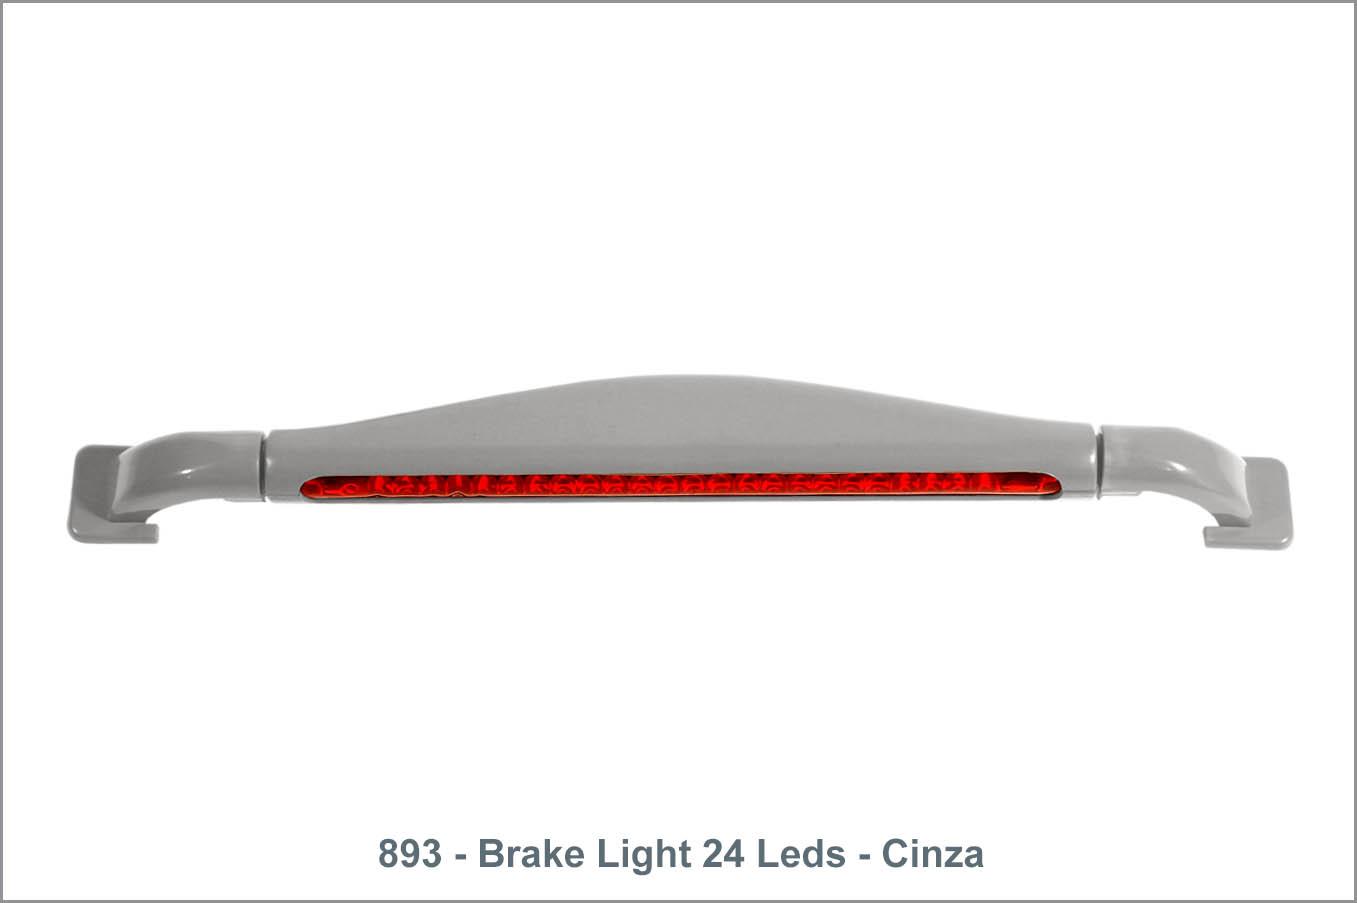 893 - Brake Light 24 Leds